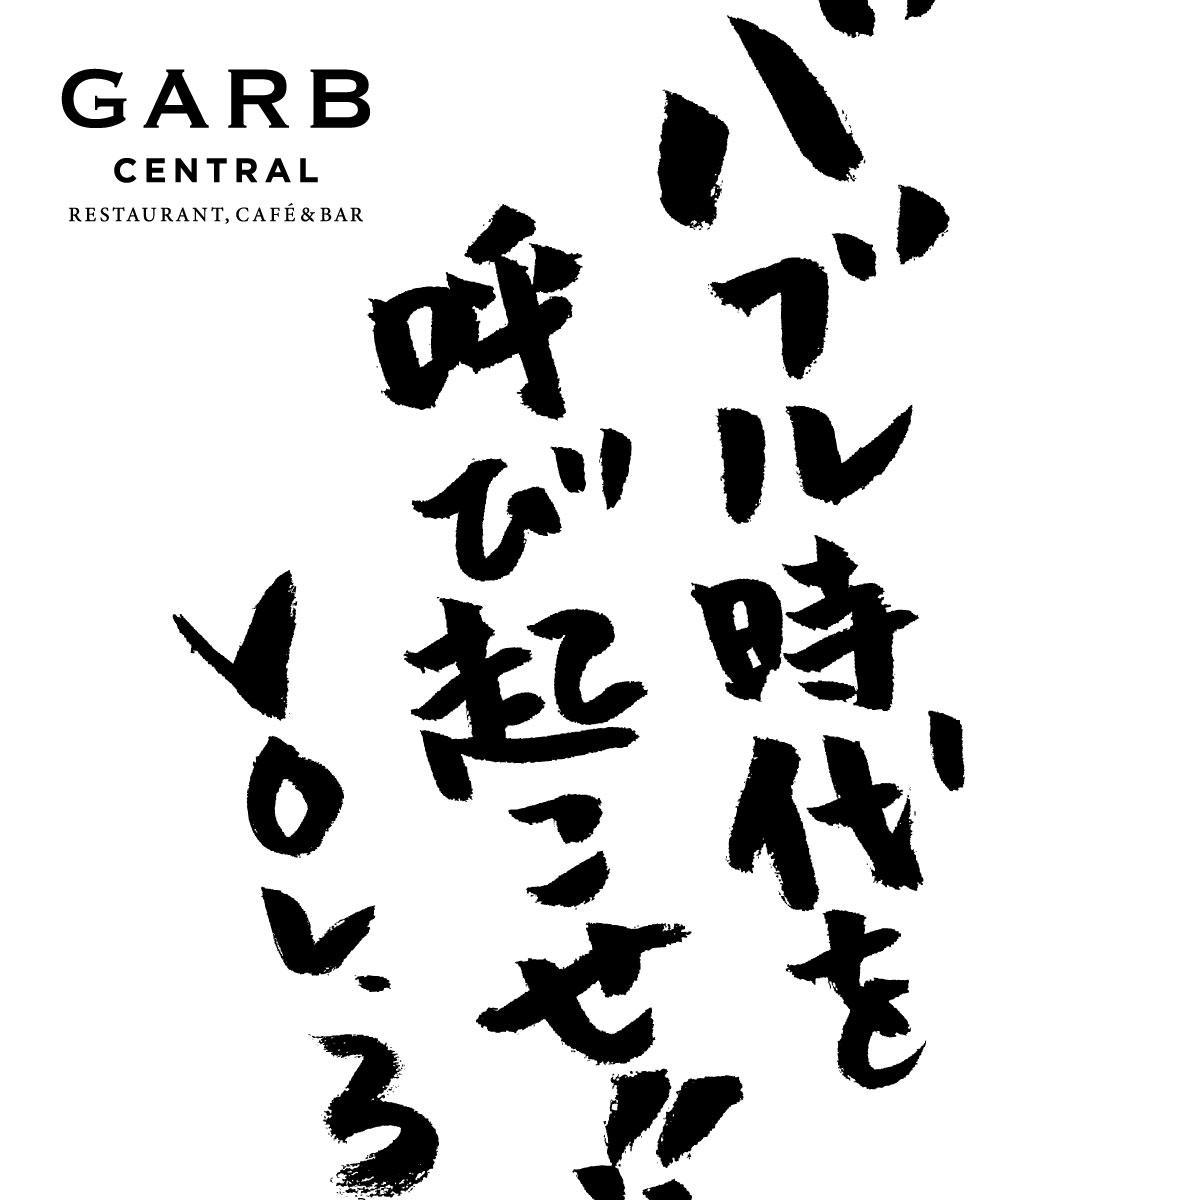 バブル時代を呼び起こせ!vol.3 @GARB CENTRAL